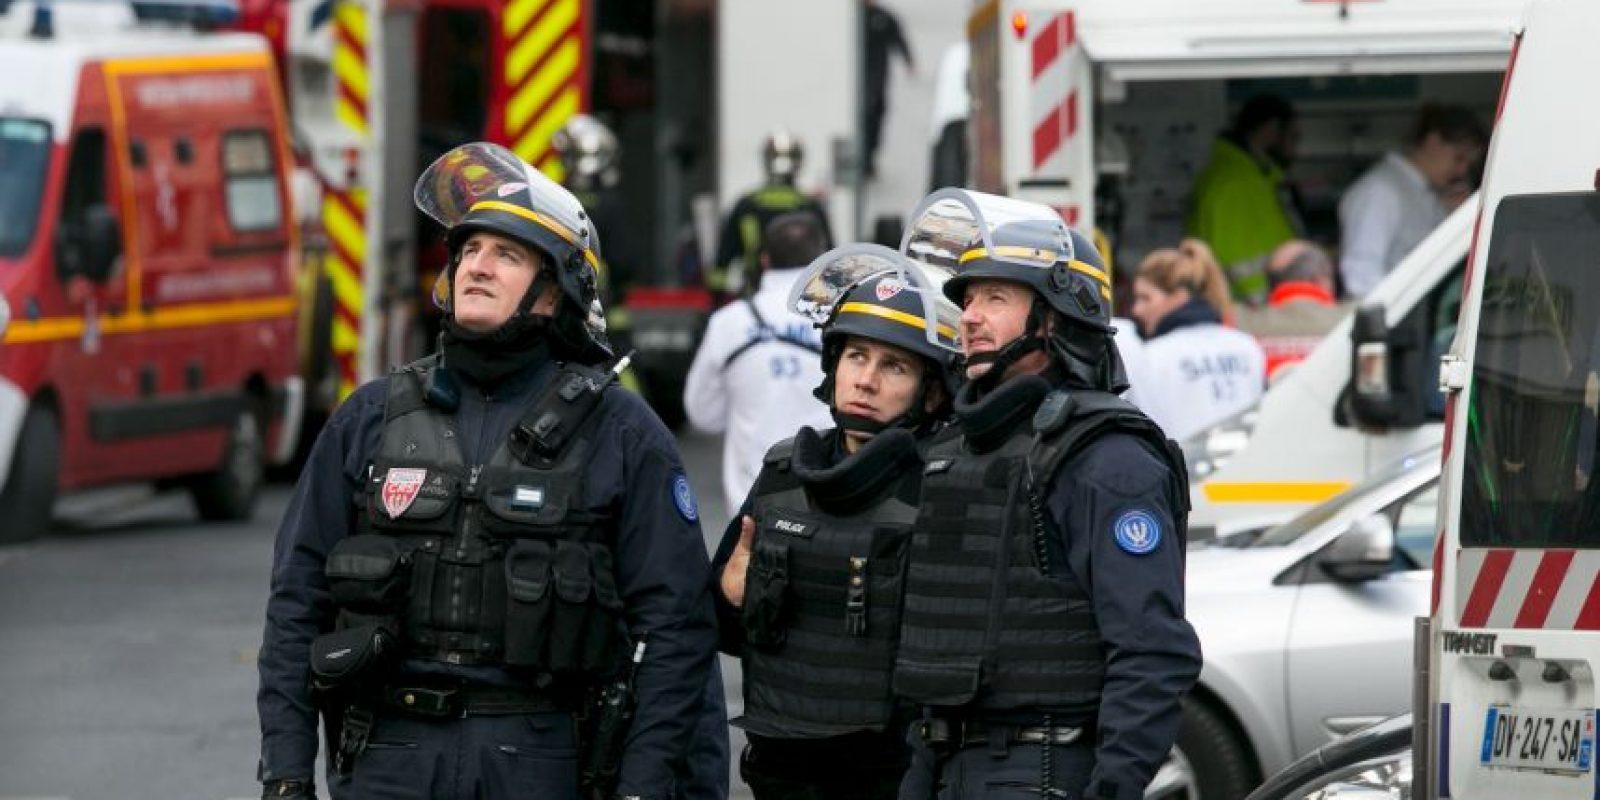 Otro asegura que hay que estar más alerta pero no por eso se debe cambiara la vida de los ciudadanos. Foto:Getty Images